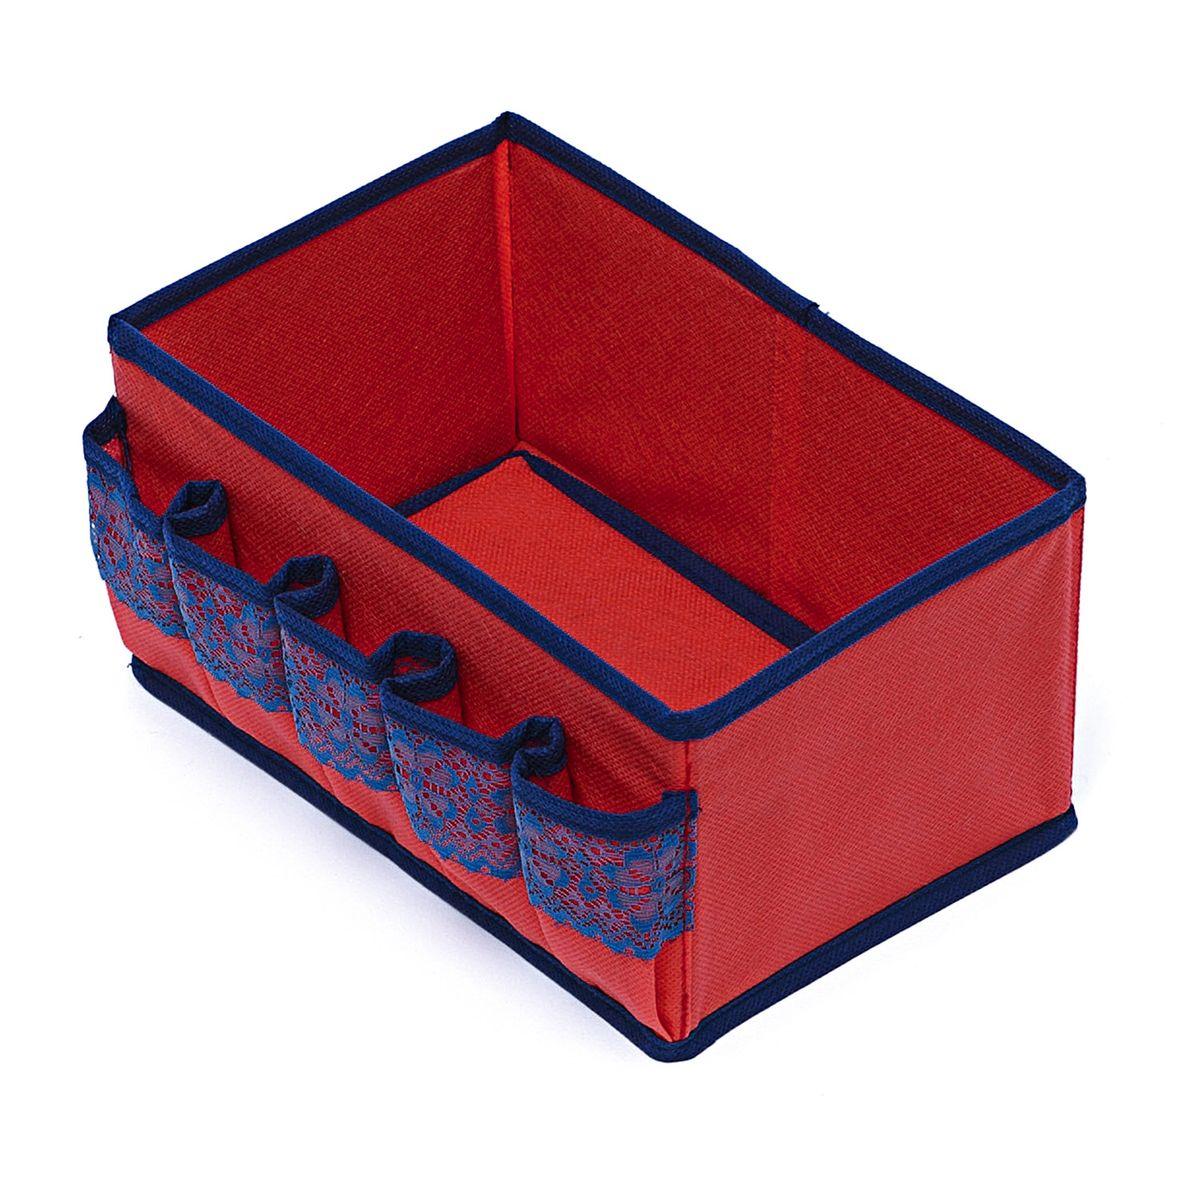 Коробочка Homsu Rosso для косметики и мелочей, 25 х 15 х 12 смHOM-318Универсальная коробочка для хранения любых вещей. Оптимальный размер позволяет хранить в ней любые вещи и предметы. Идеально подходит в шкафы различных серий. Фактический цвет может отличаться от заявленного.